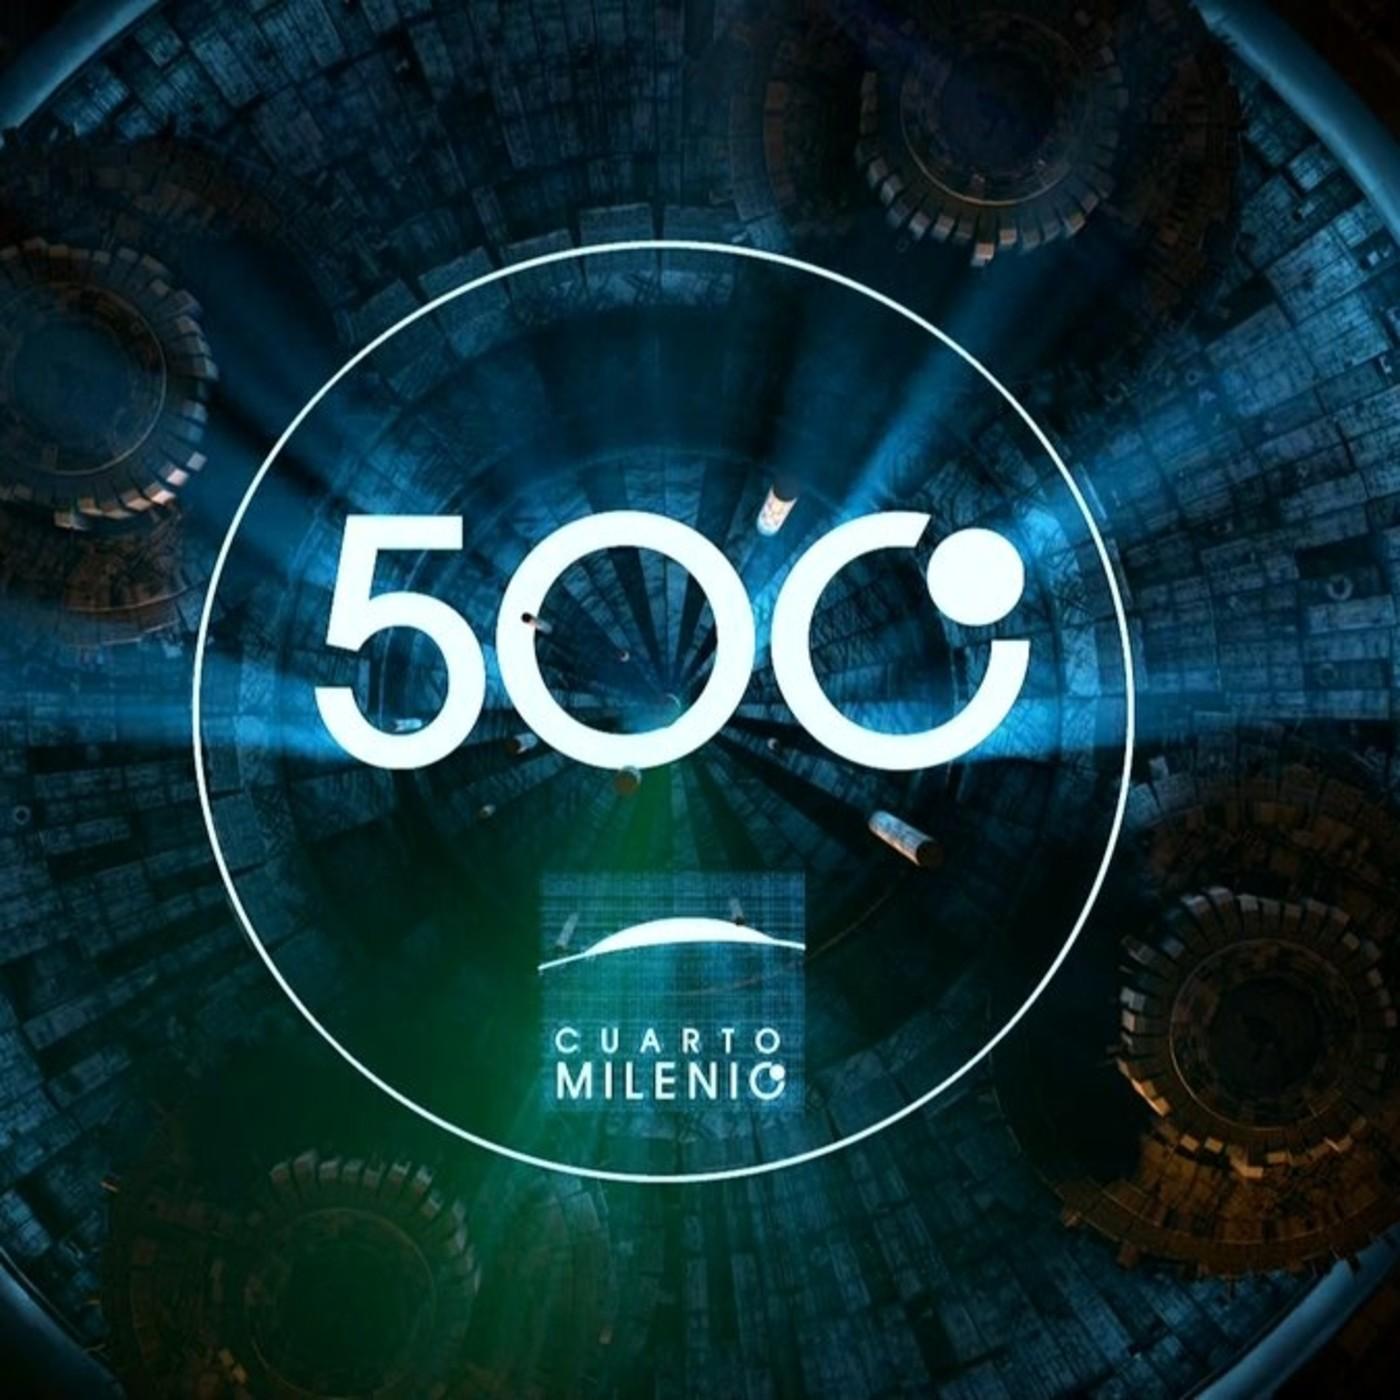 Cuarto Milenio 500 en Cuarto Milenio (Oficial) en mp3(29/05 a las 12 ...